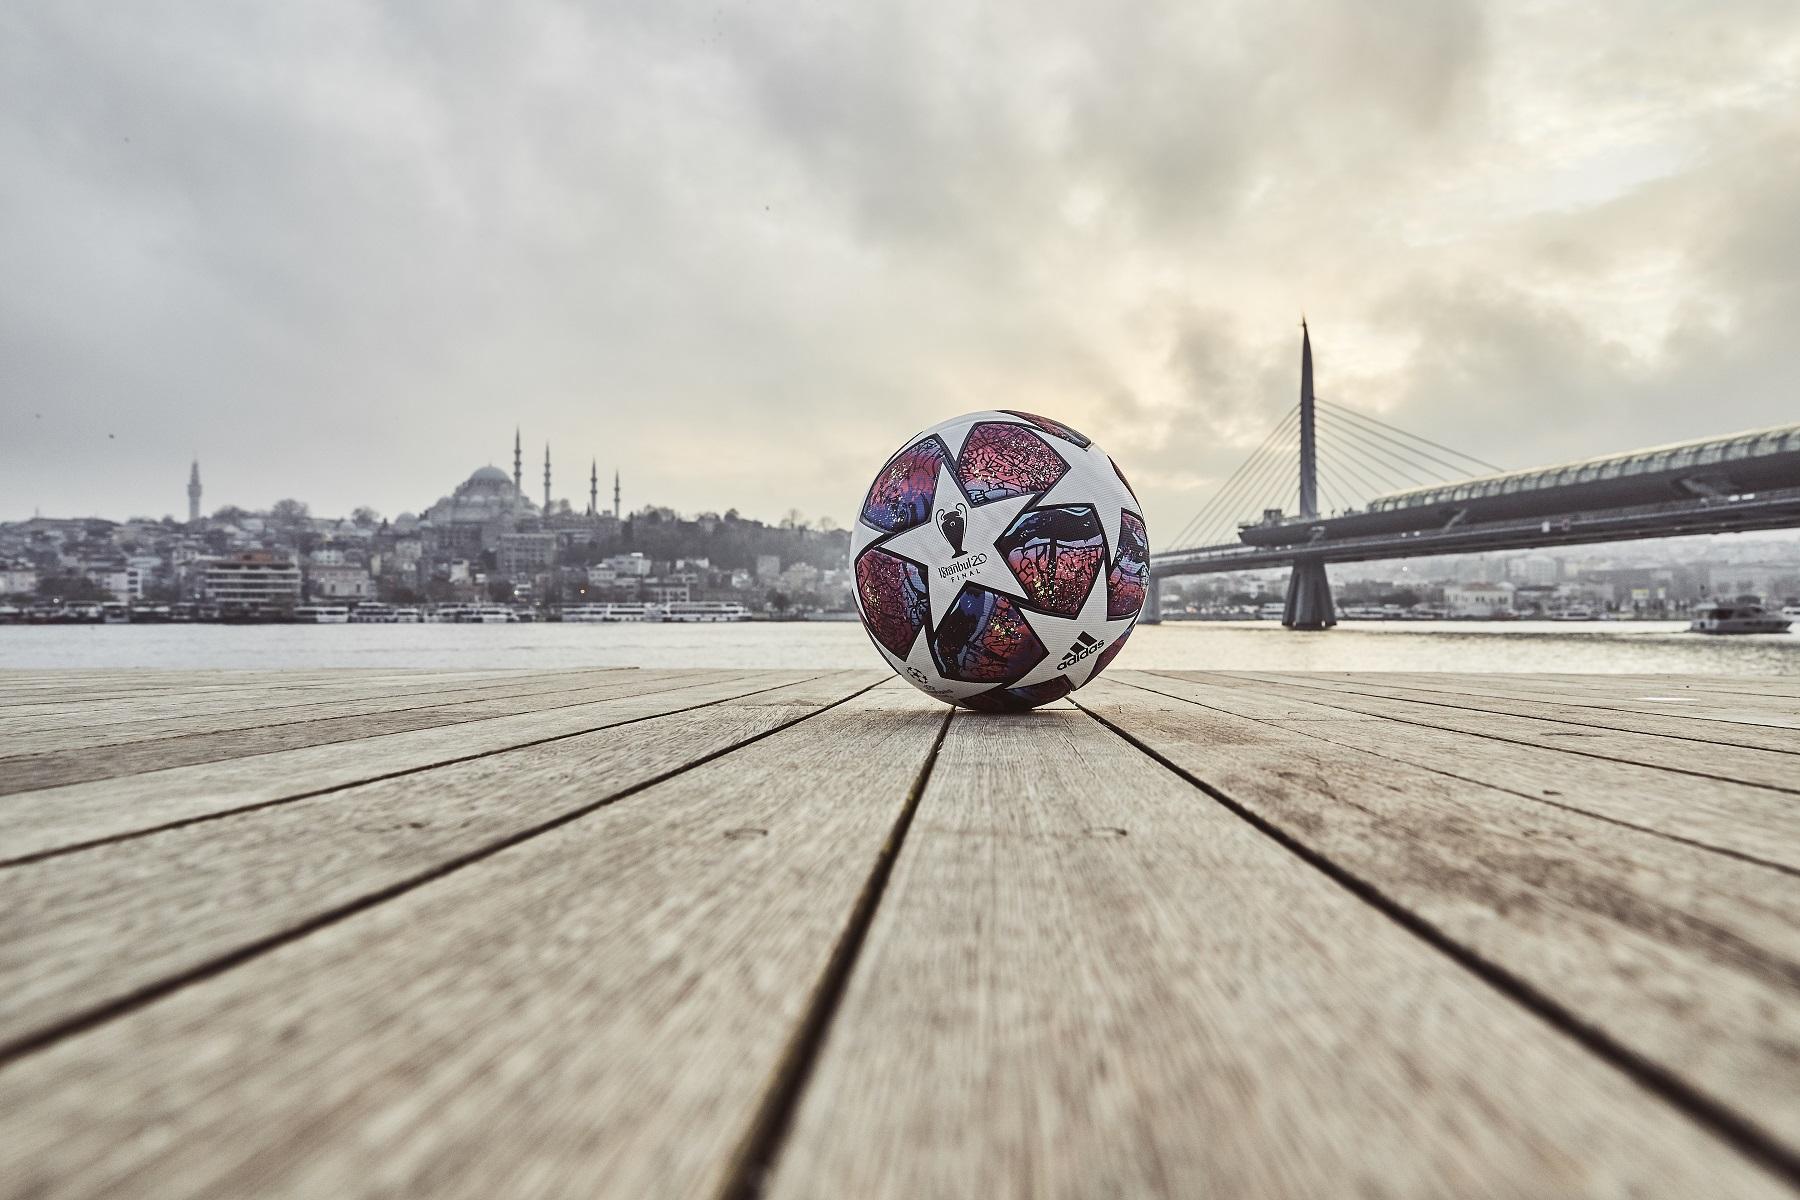 ฟุตบอล, ยูฟ่า แชมเปี้ยนลีกส์, ลูกฟุตบอล, ฟินาเล่ อิสตันบูล, อาดิดาส